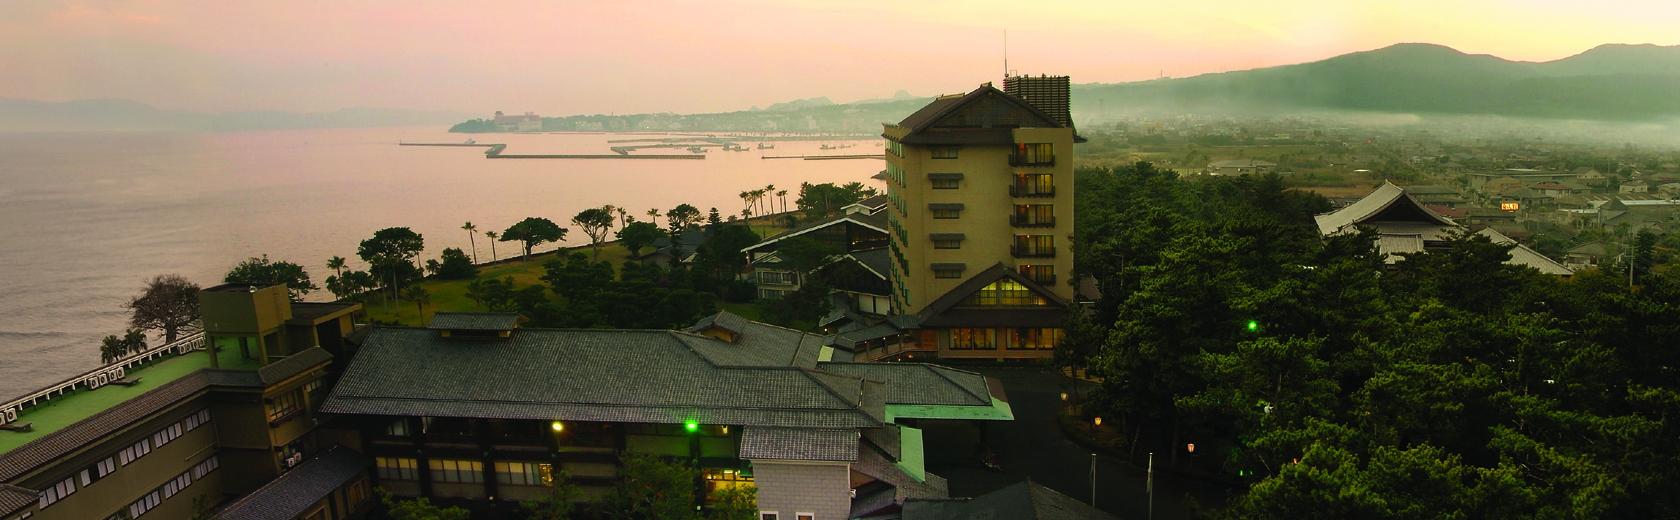 鹿児島県 指宿市 白水館 旅館 観光 おすすめ 九州 温泉